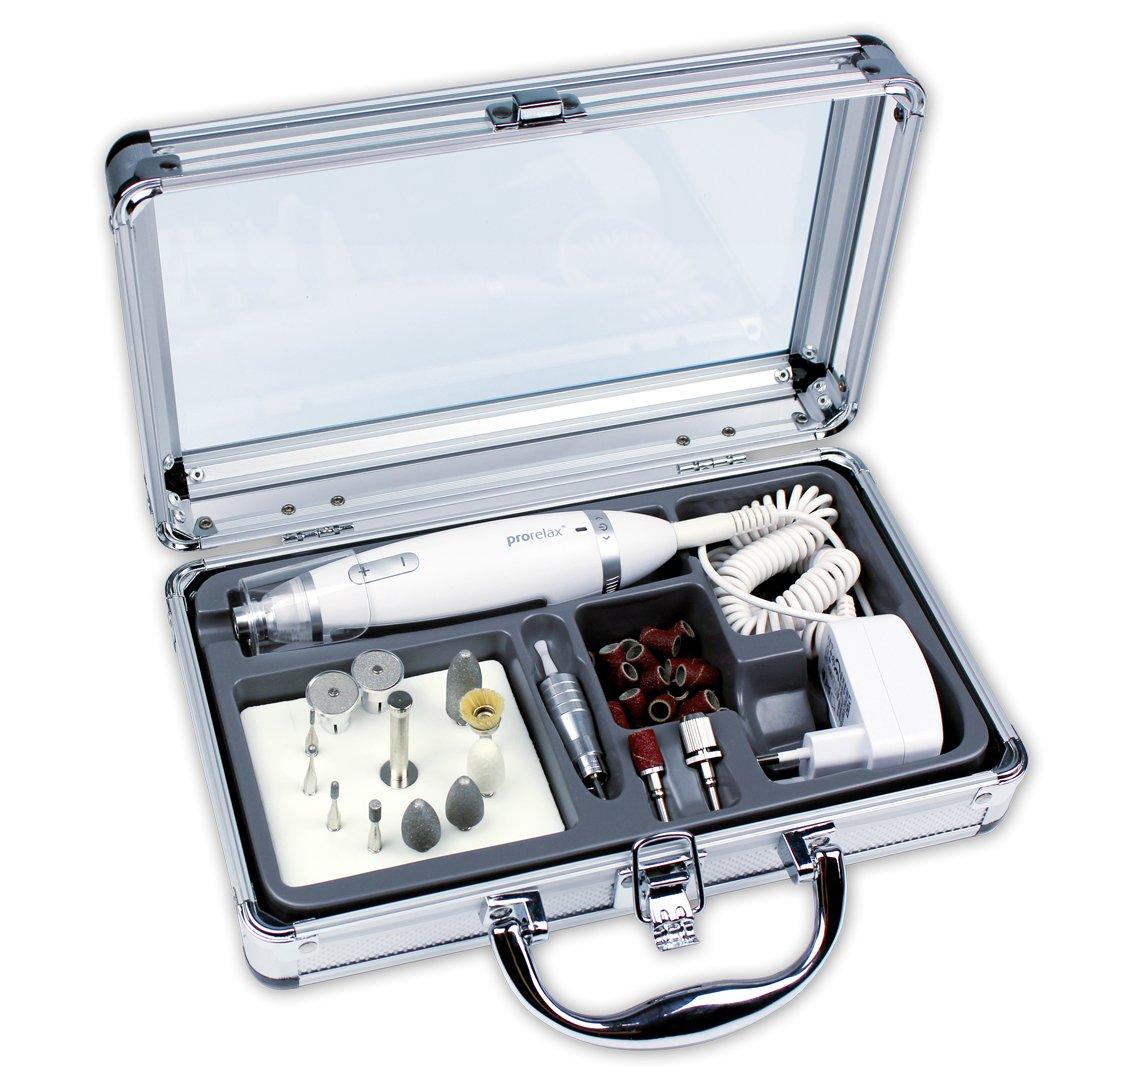 Prorelax 52248 Kit per Manicure e Pedicure